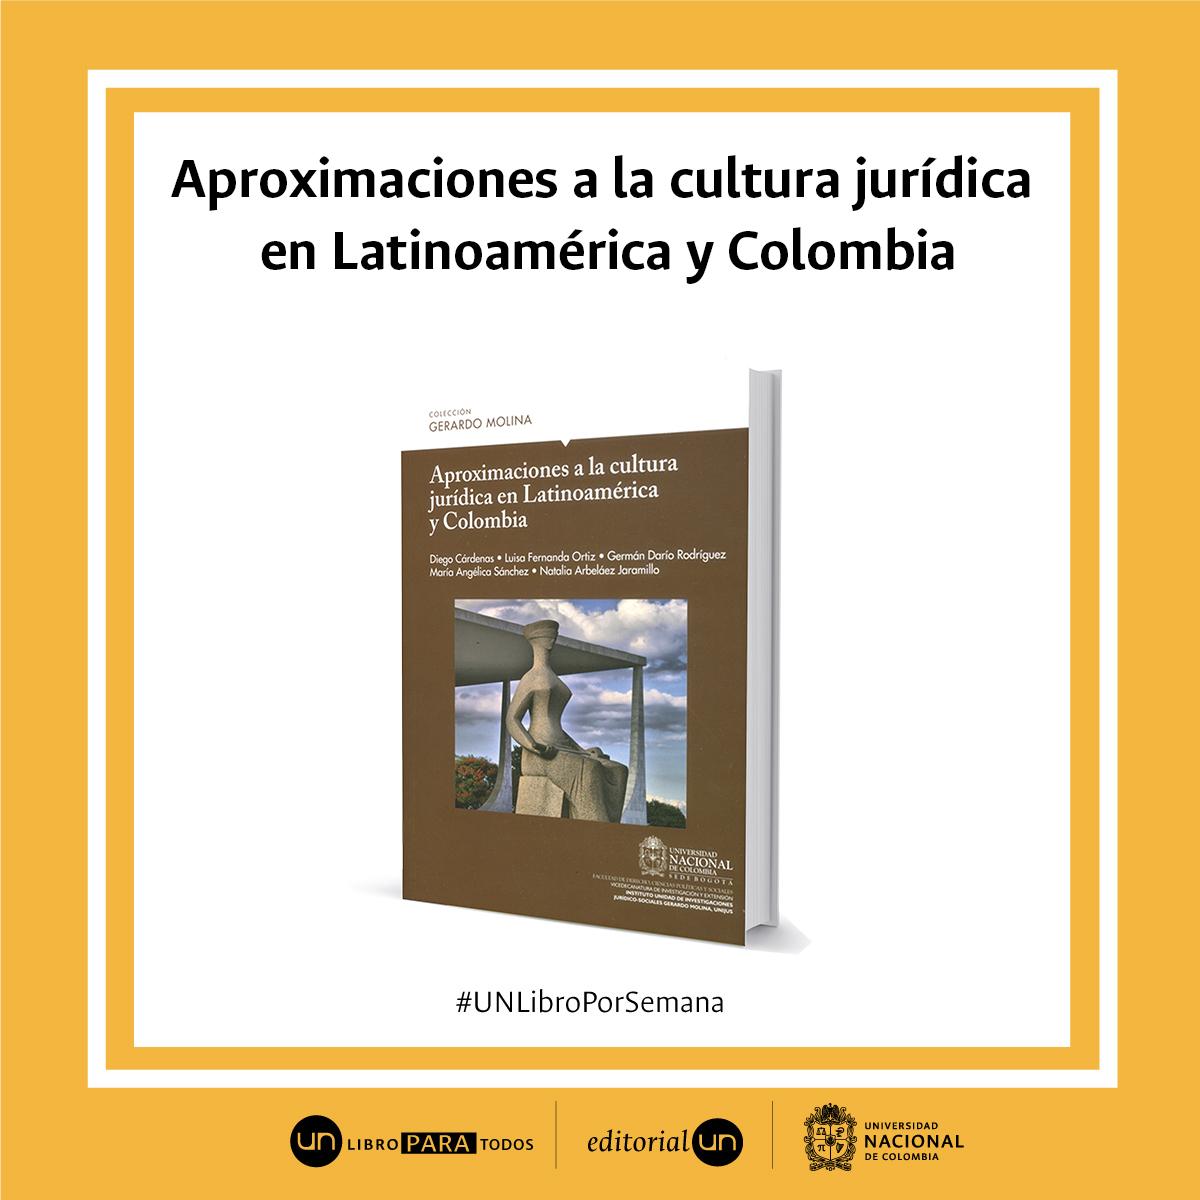 Aproximaciones a la cultura jurídica en Latinoamérica y Colombia'